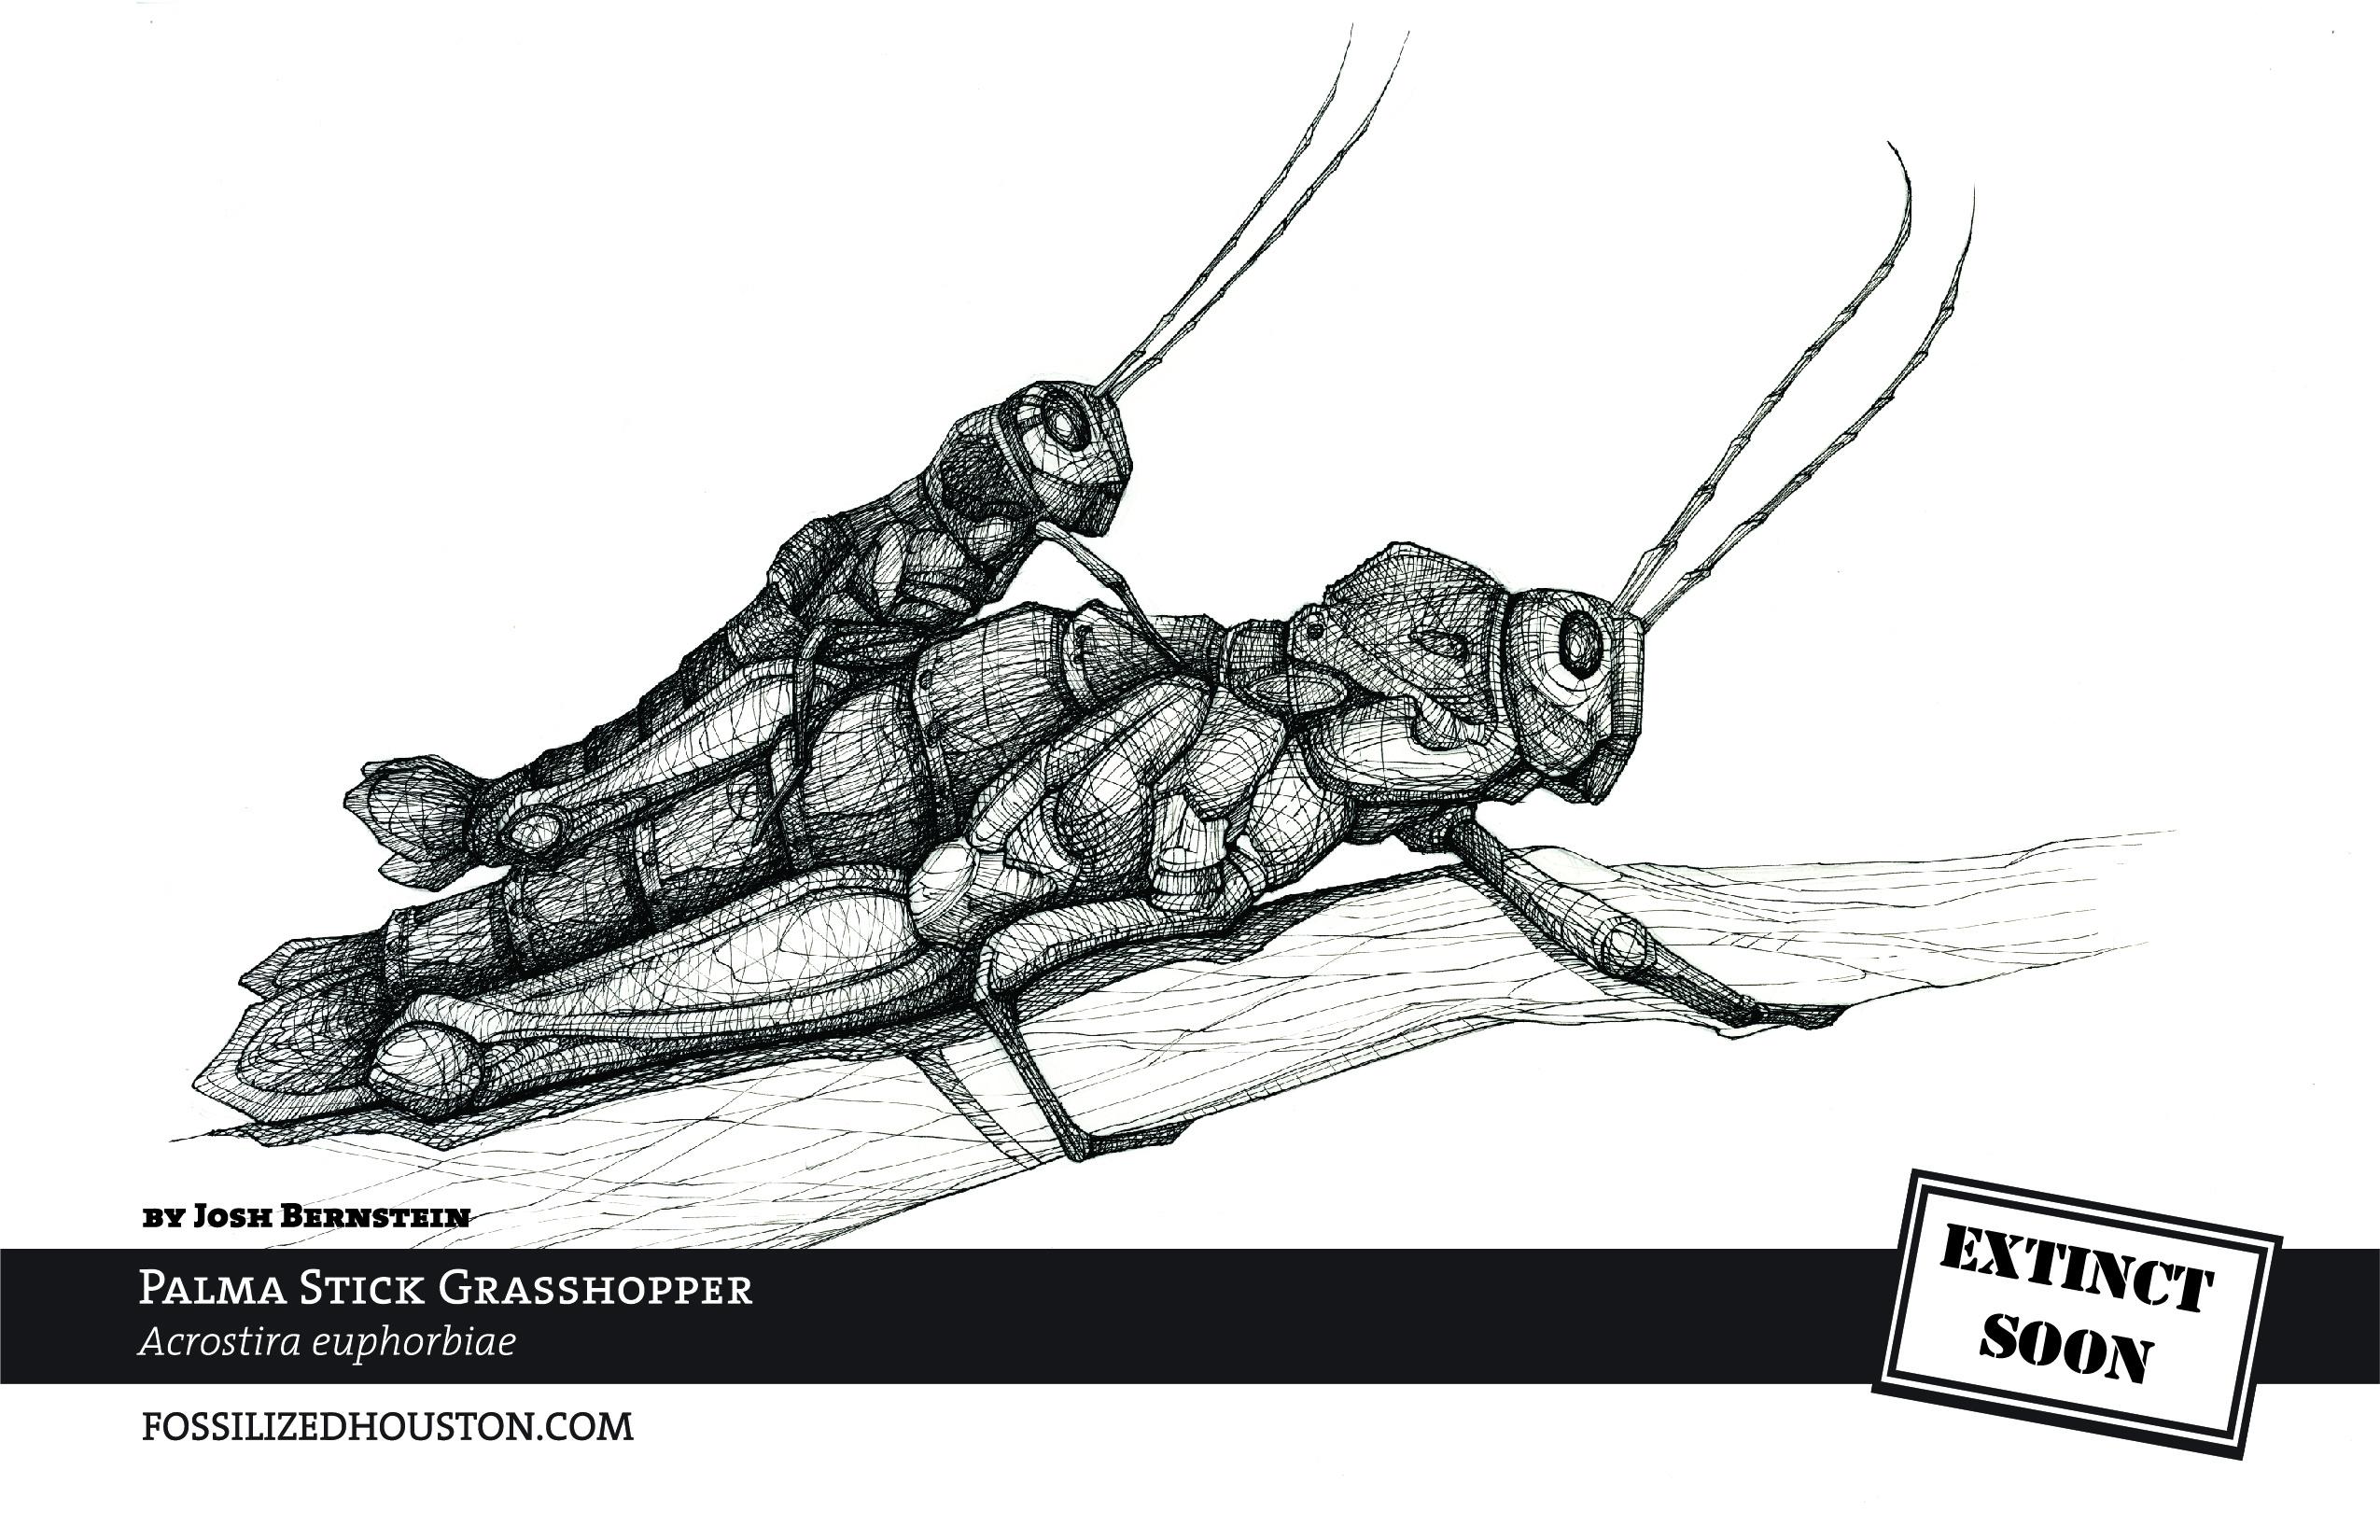 Palma Stick Grasshopper